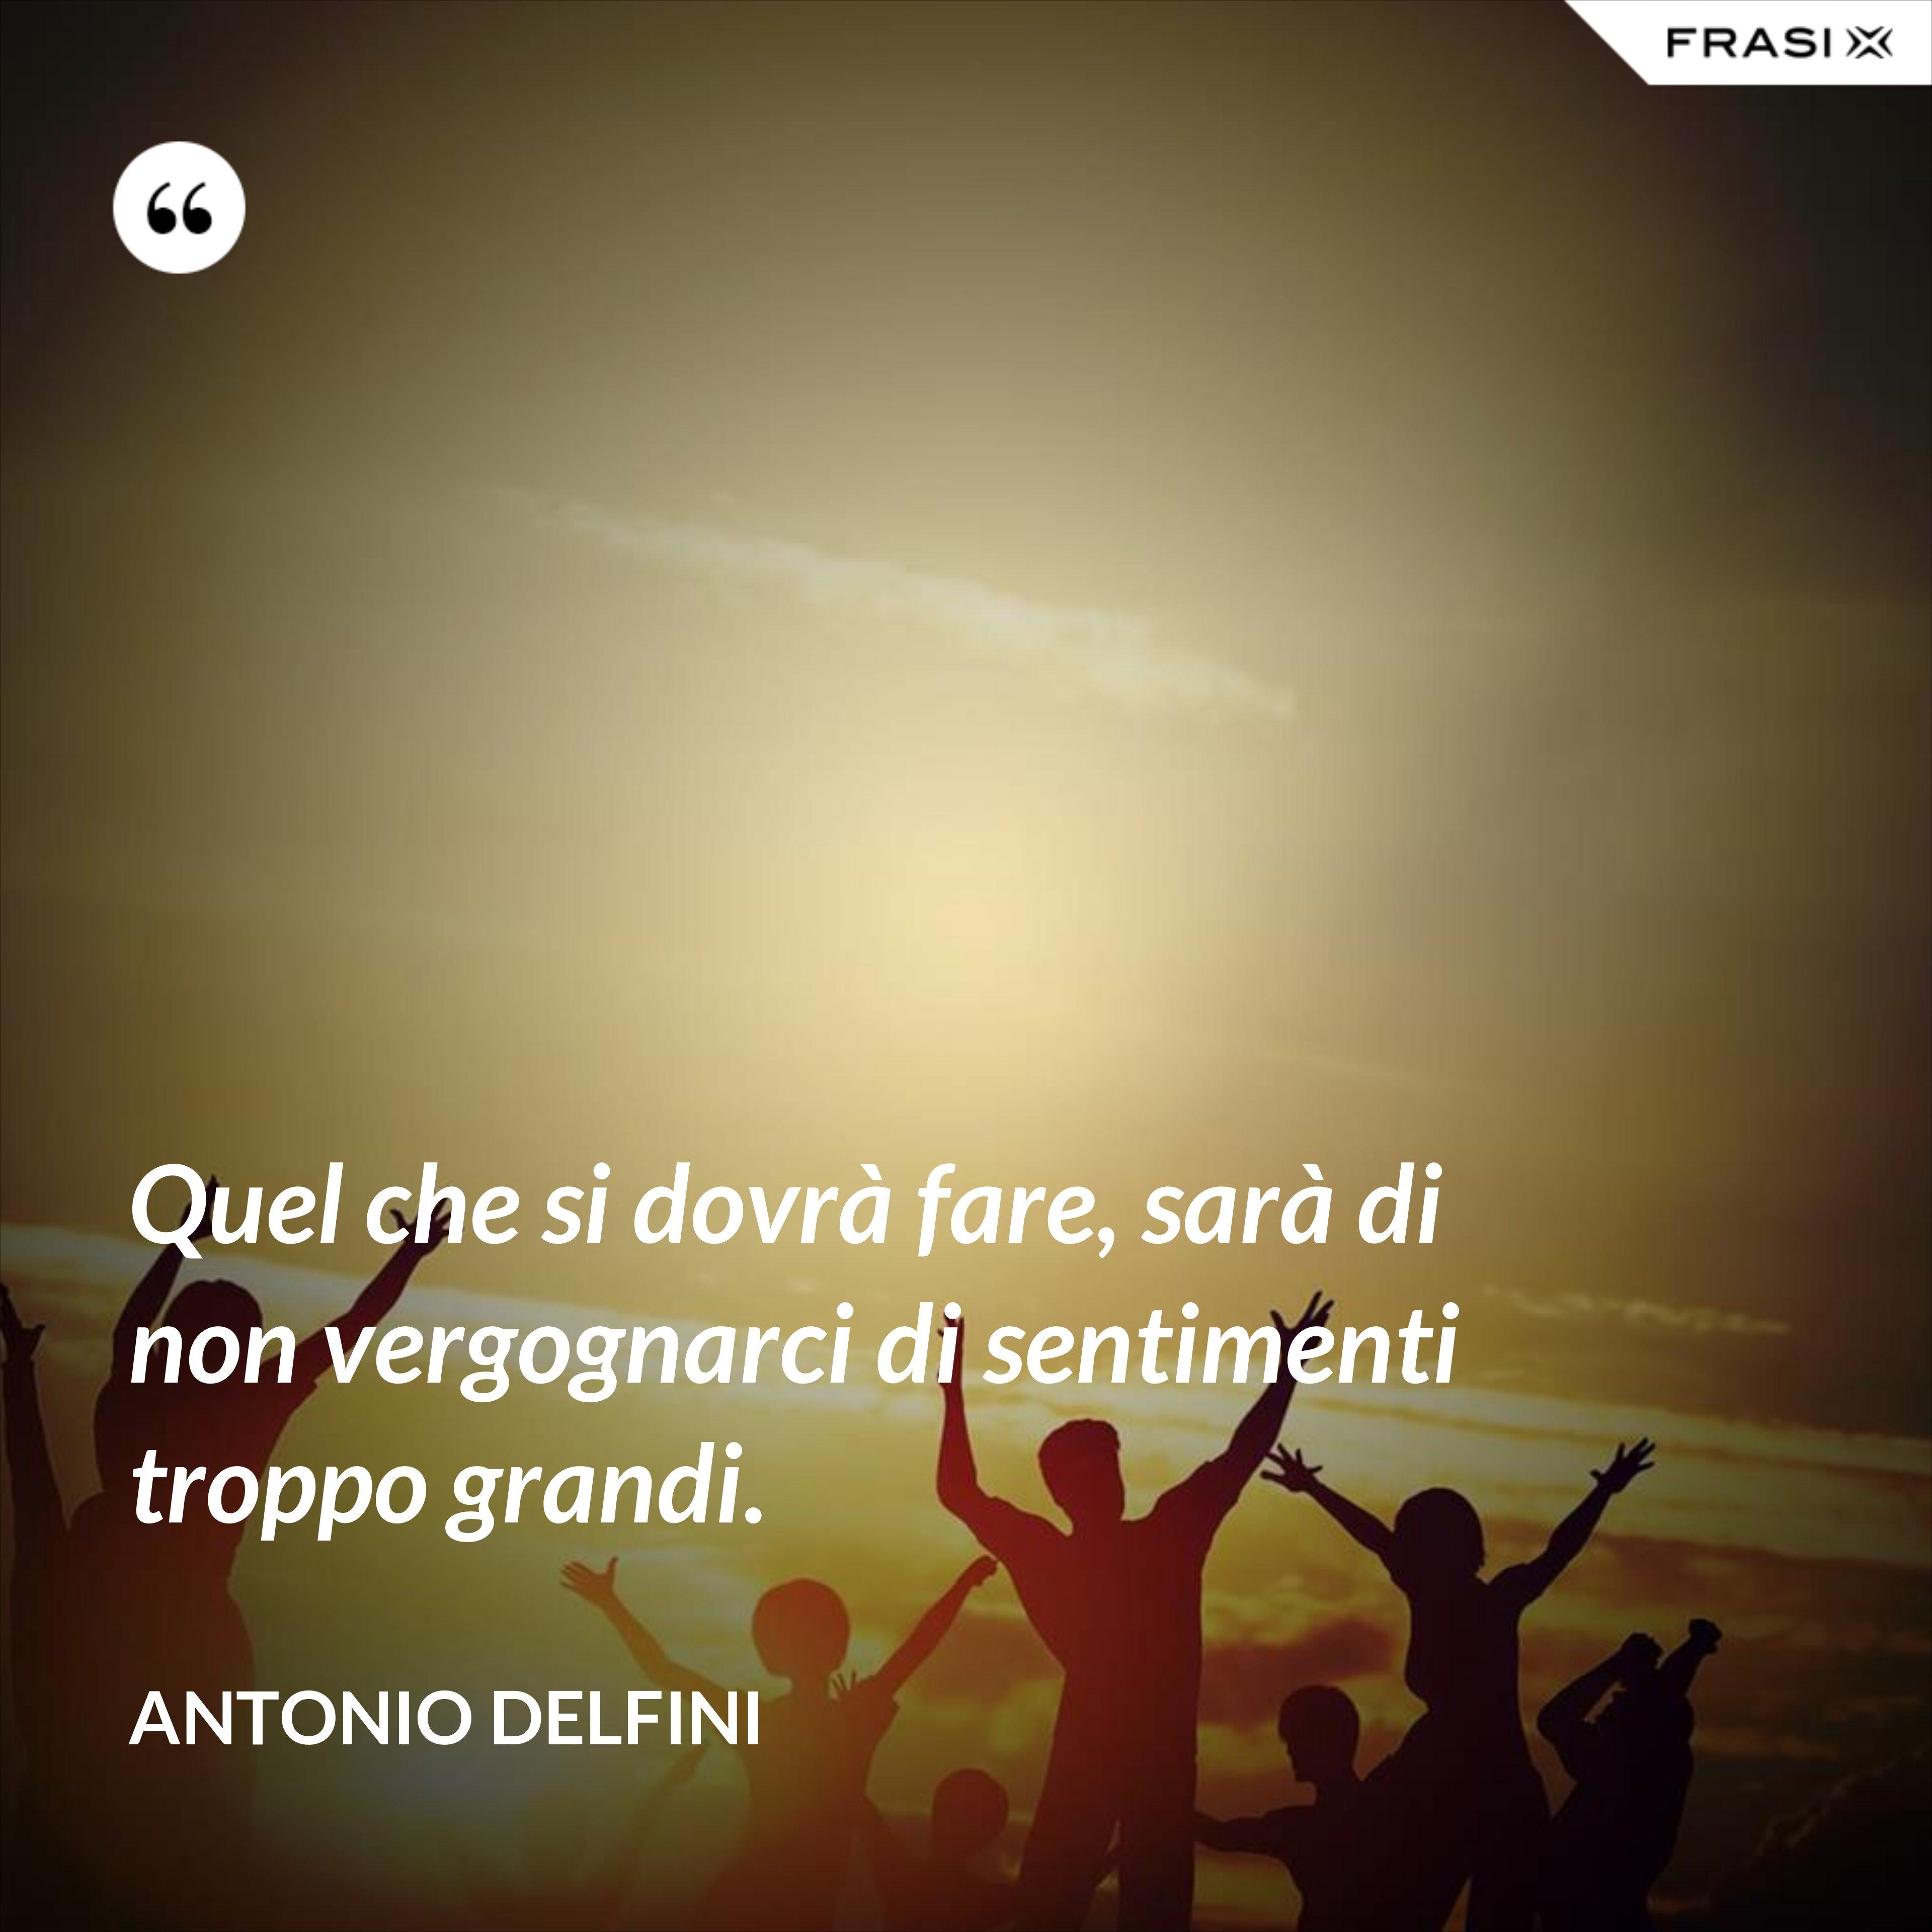 Quel che si dovrà fare, sarà di non vergognarci di sentimenti troppo grandi. - Antonio Delfini